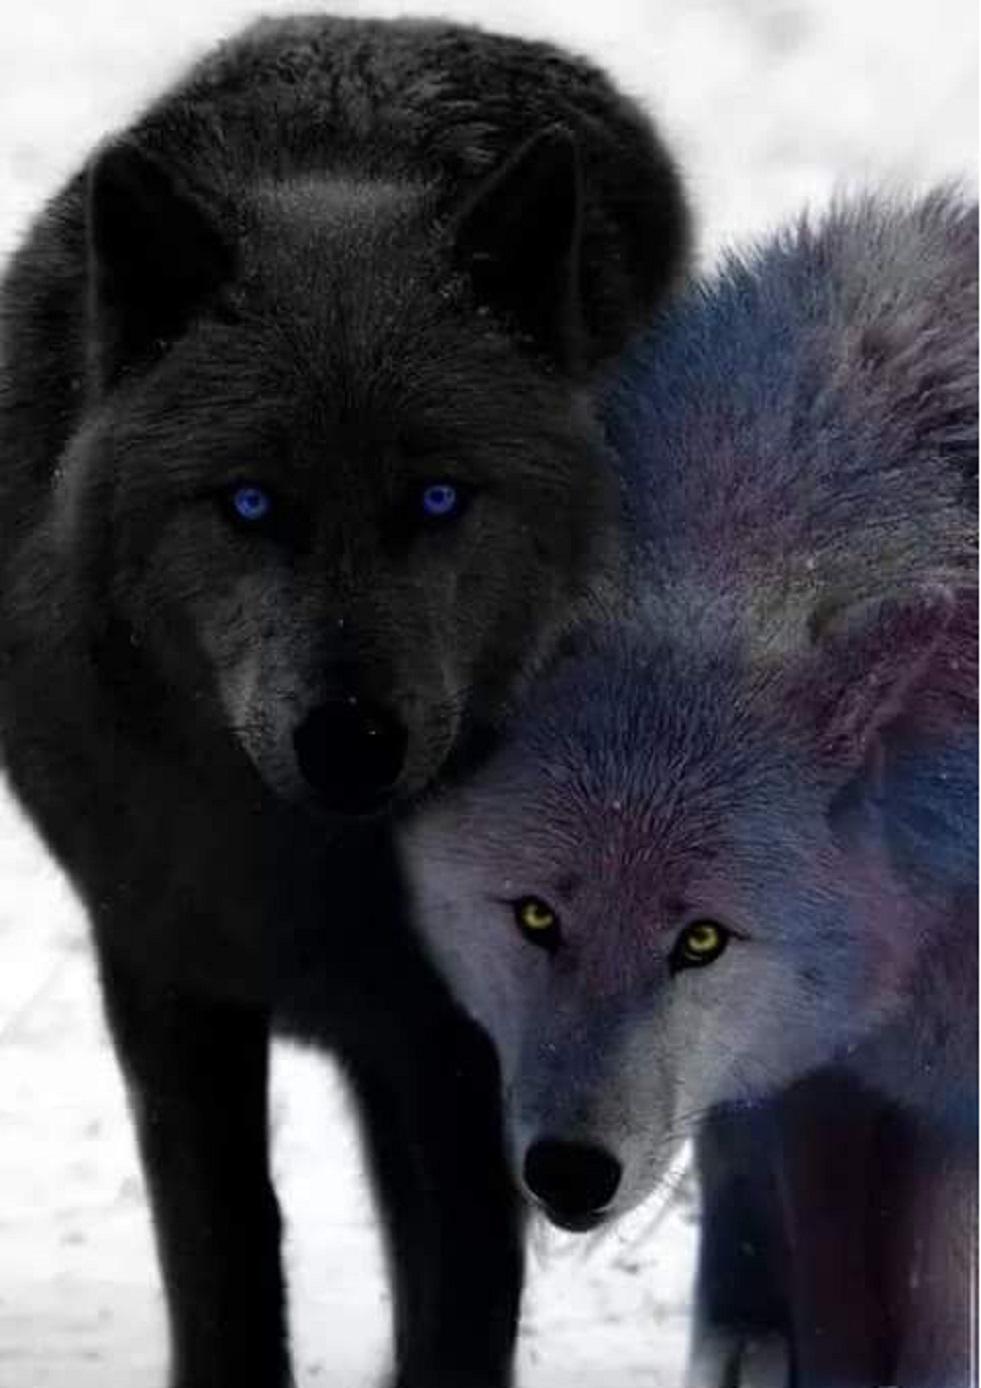 """RT @coolcats70: """"@MATIASM97027089: http://t.co/jXviywjBDh"""" Da musste ich an Dich denken ein paar Beauties for you 😊 @proudvegan"""